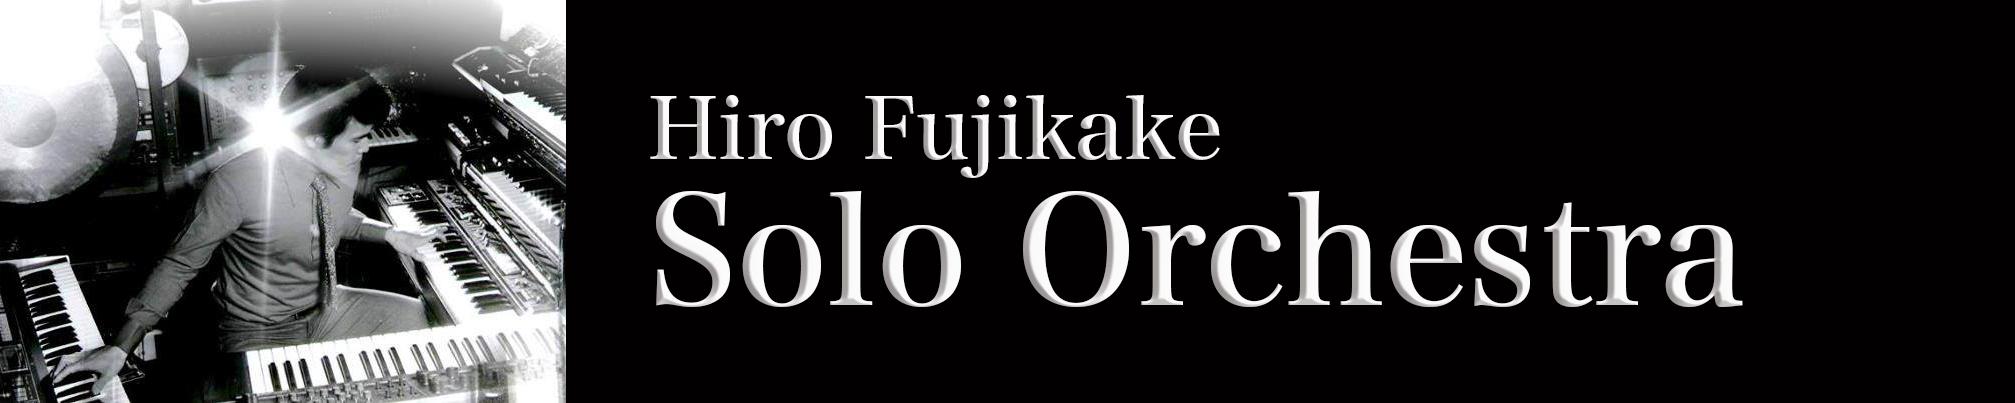 Solo Orchestra Image